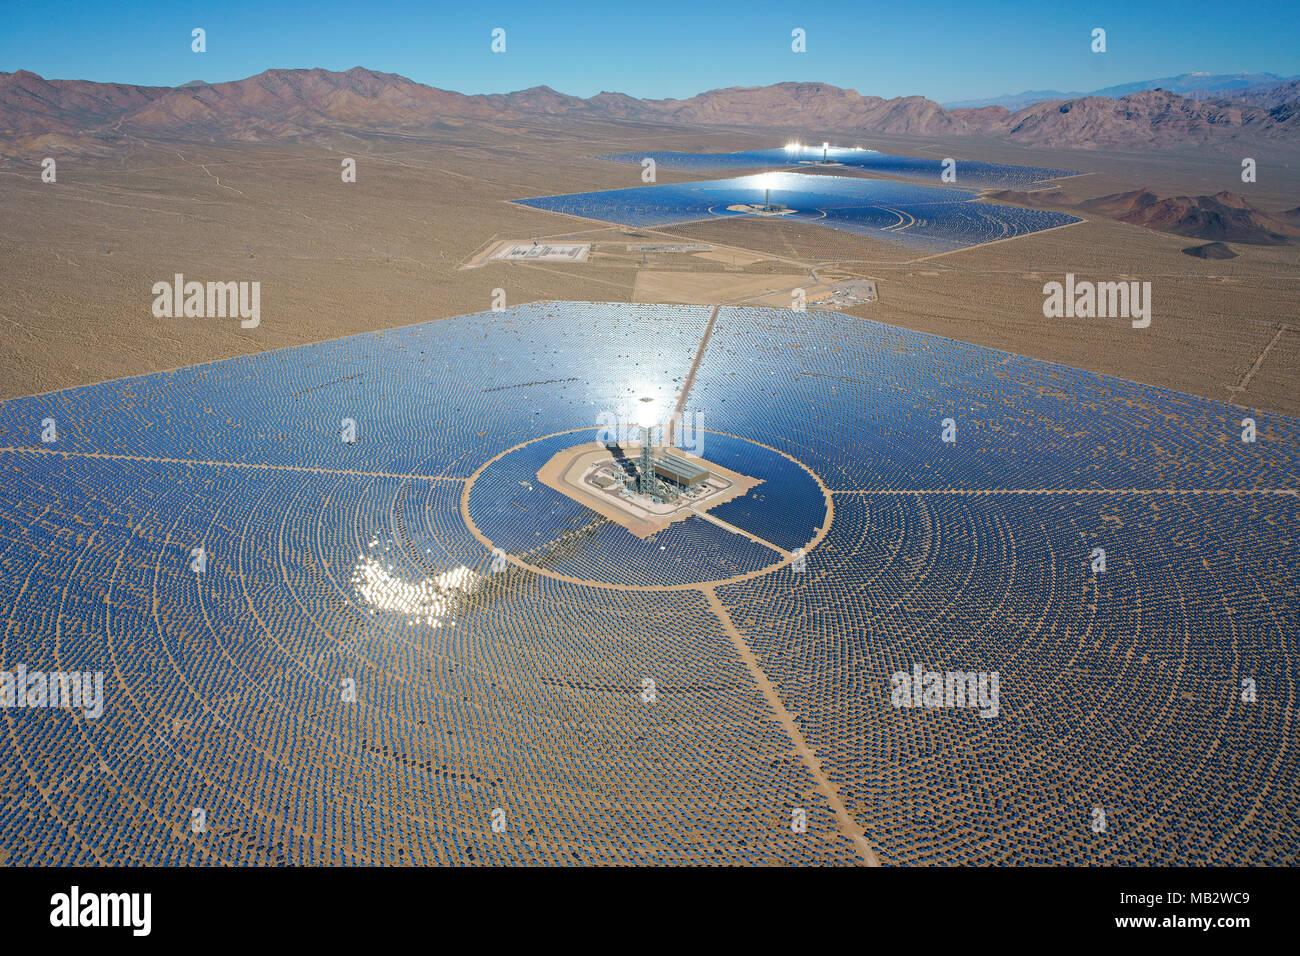 IVANPAH SOLAR ELECTRIC la generazione di sistema (vista aerea) (più grande del mondo concentrata di energia solare impianto come di 2018). Deserto Mojave, California, Stati Uniti d'America. Immagini Stock